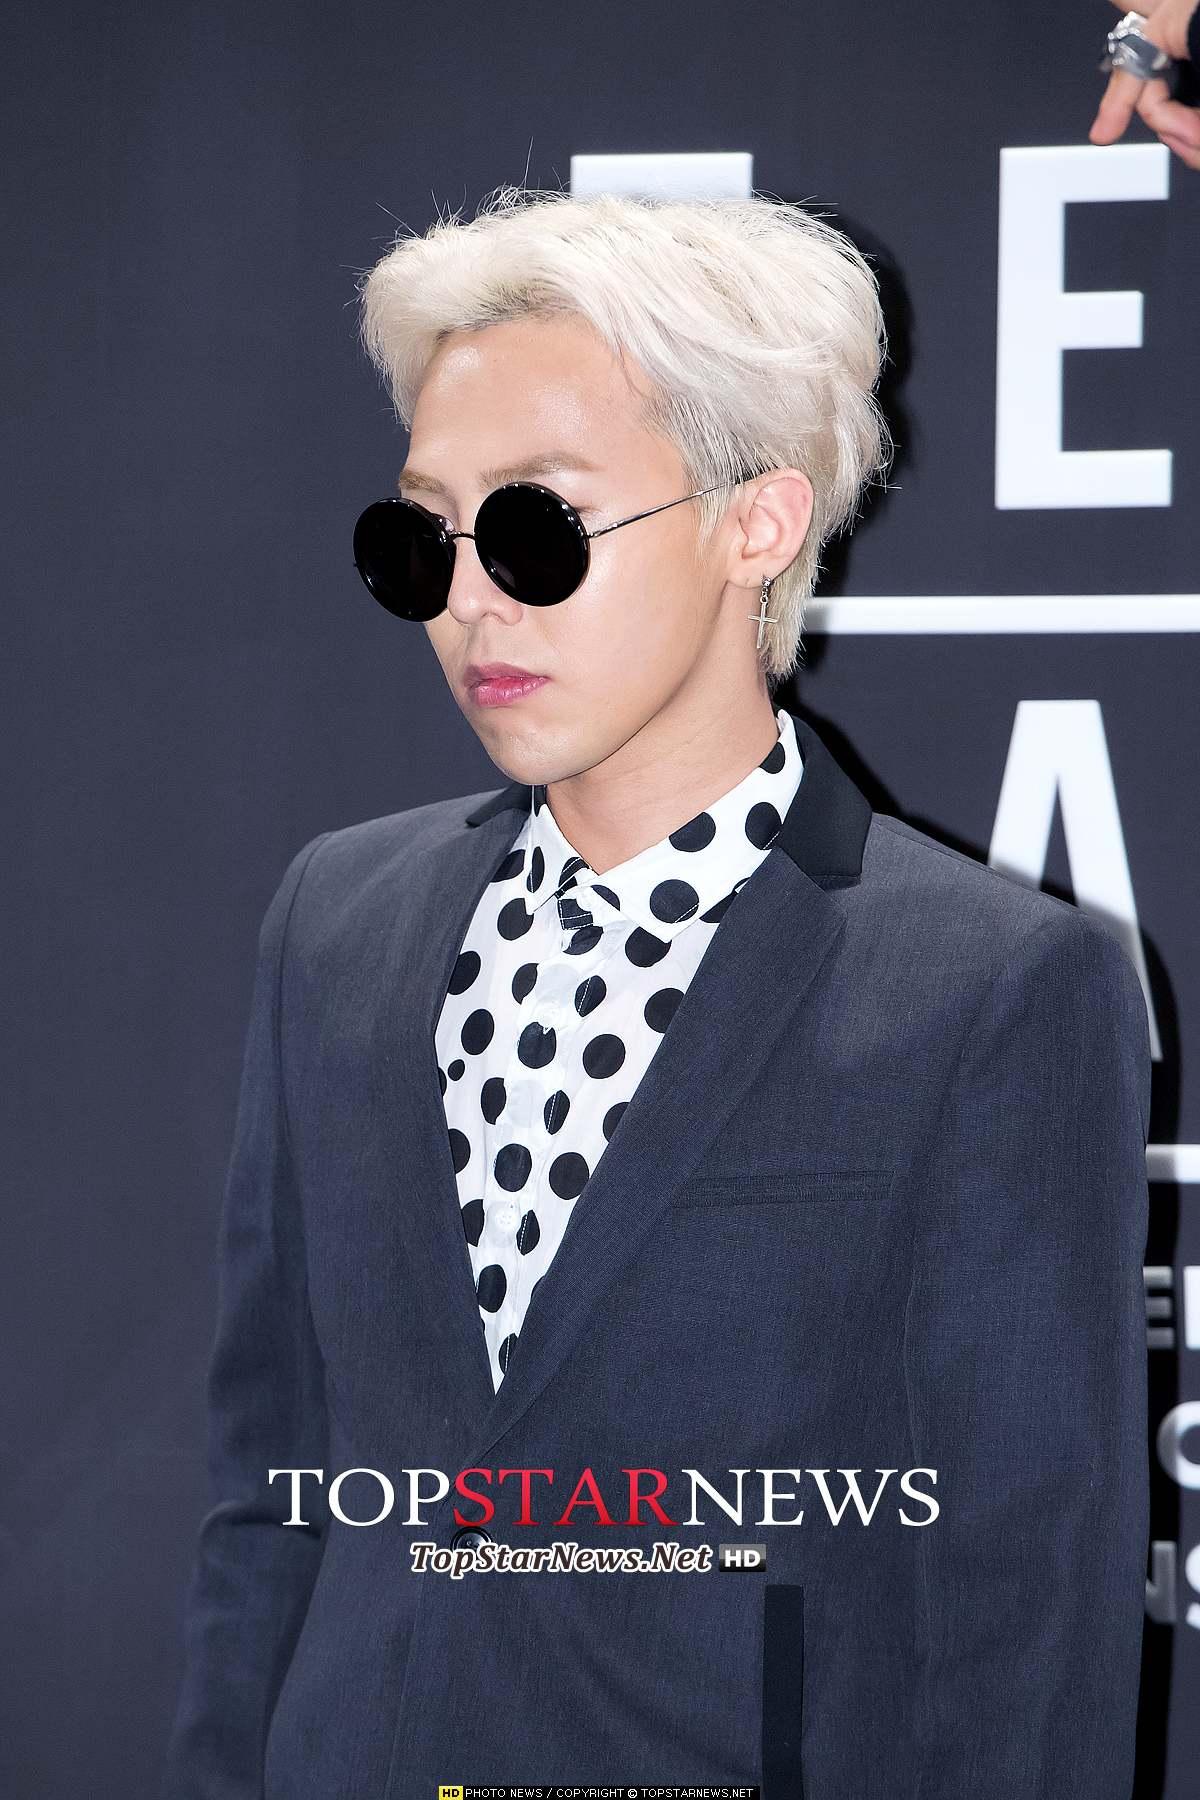 # BIGBANG - G-Dragon 時尚流行的代名詞就是GD!銀白髮可是他的經典髮色之一阿~~